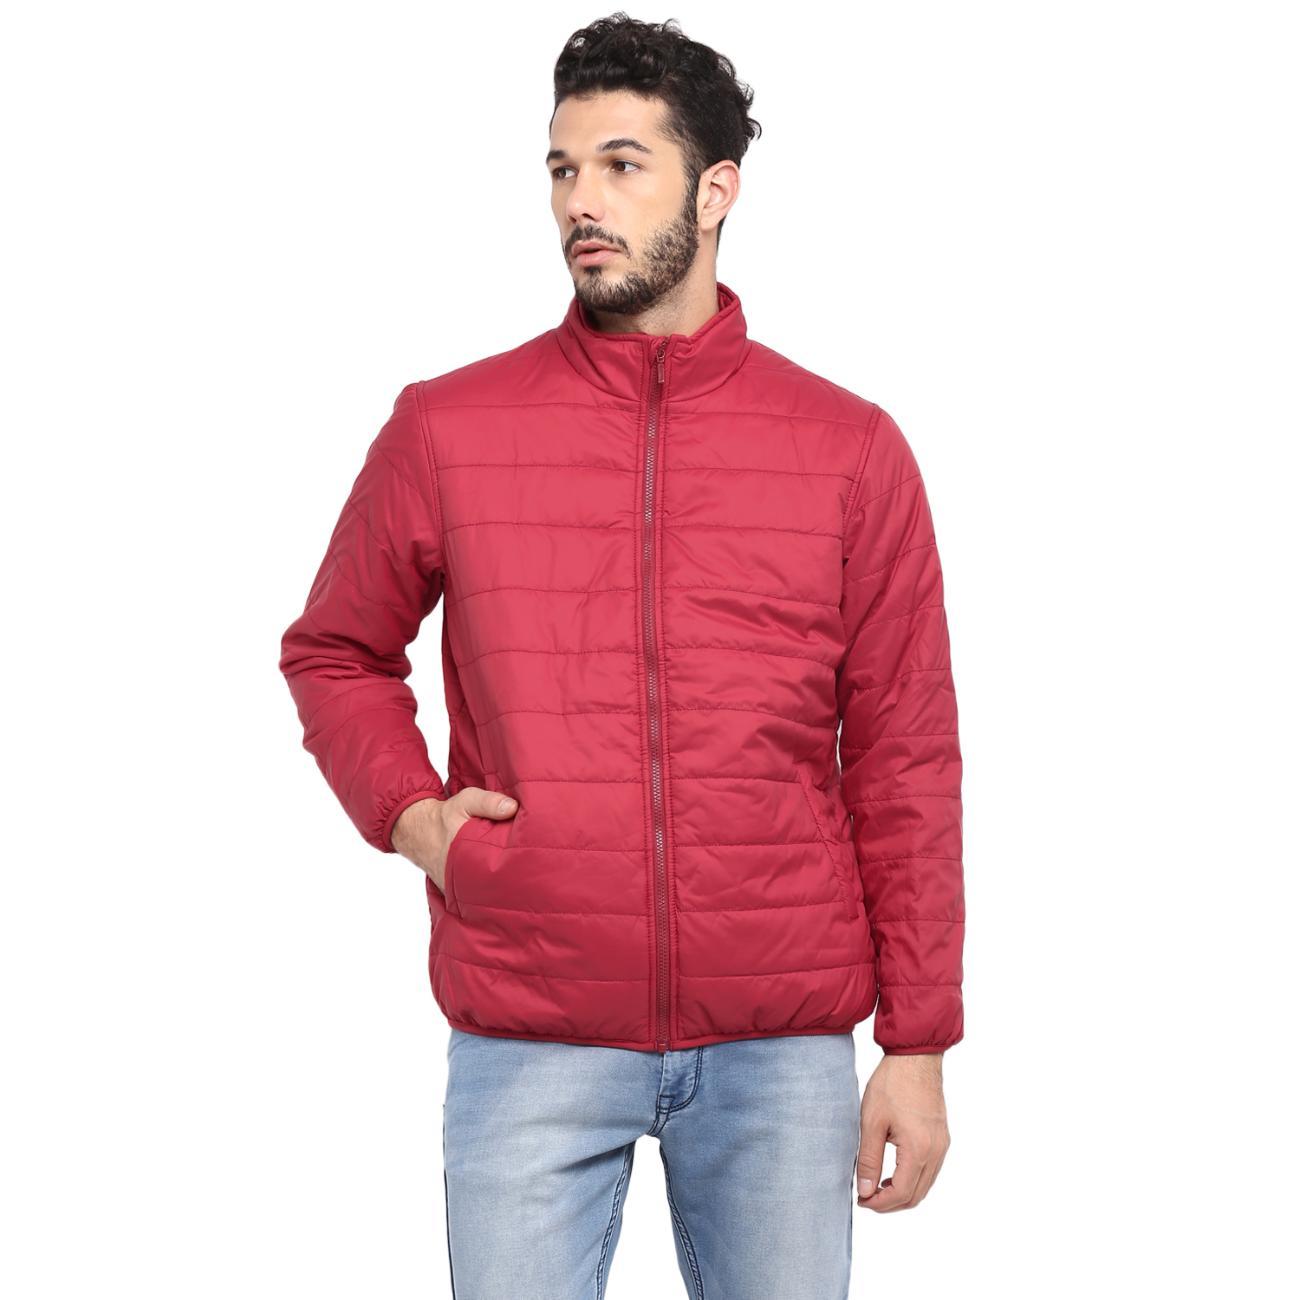 Shop Red Jacket For Men